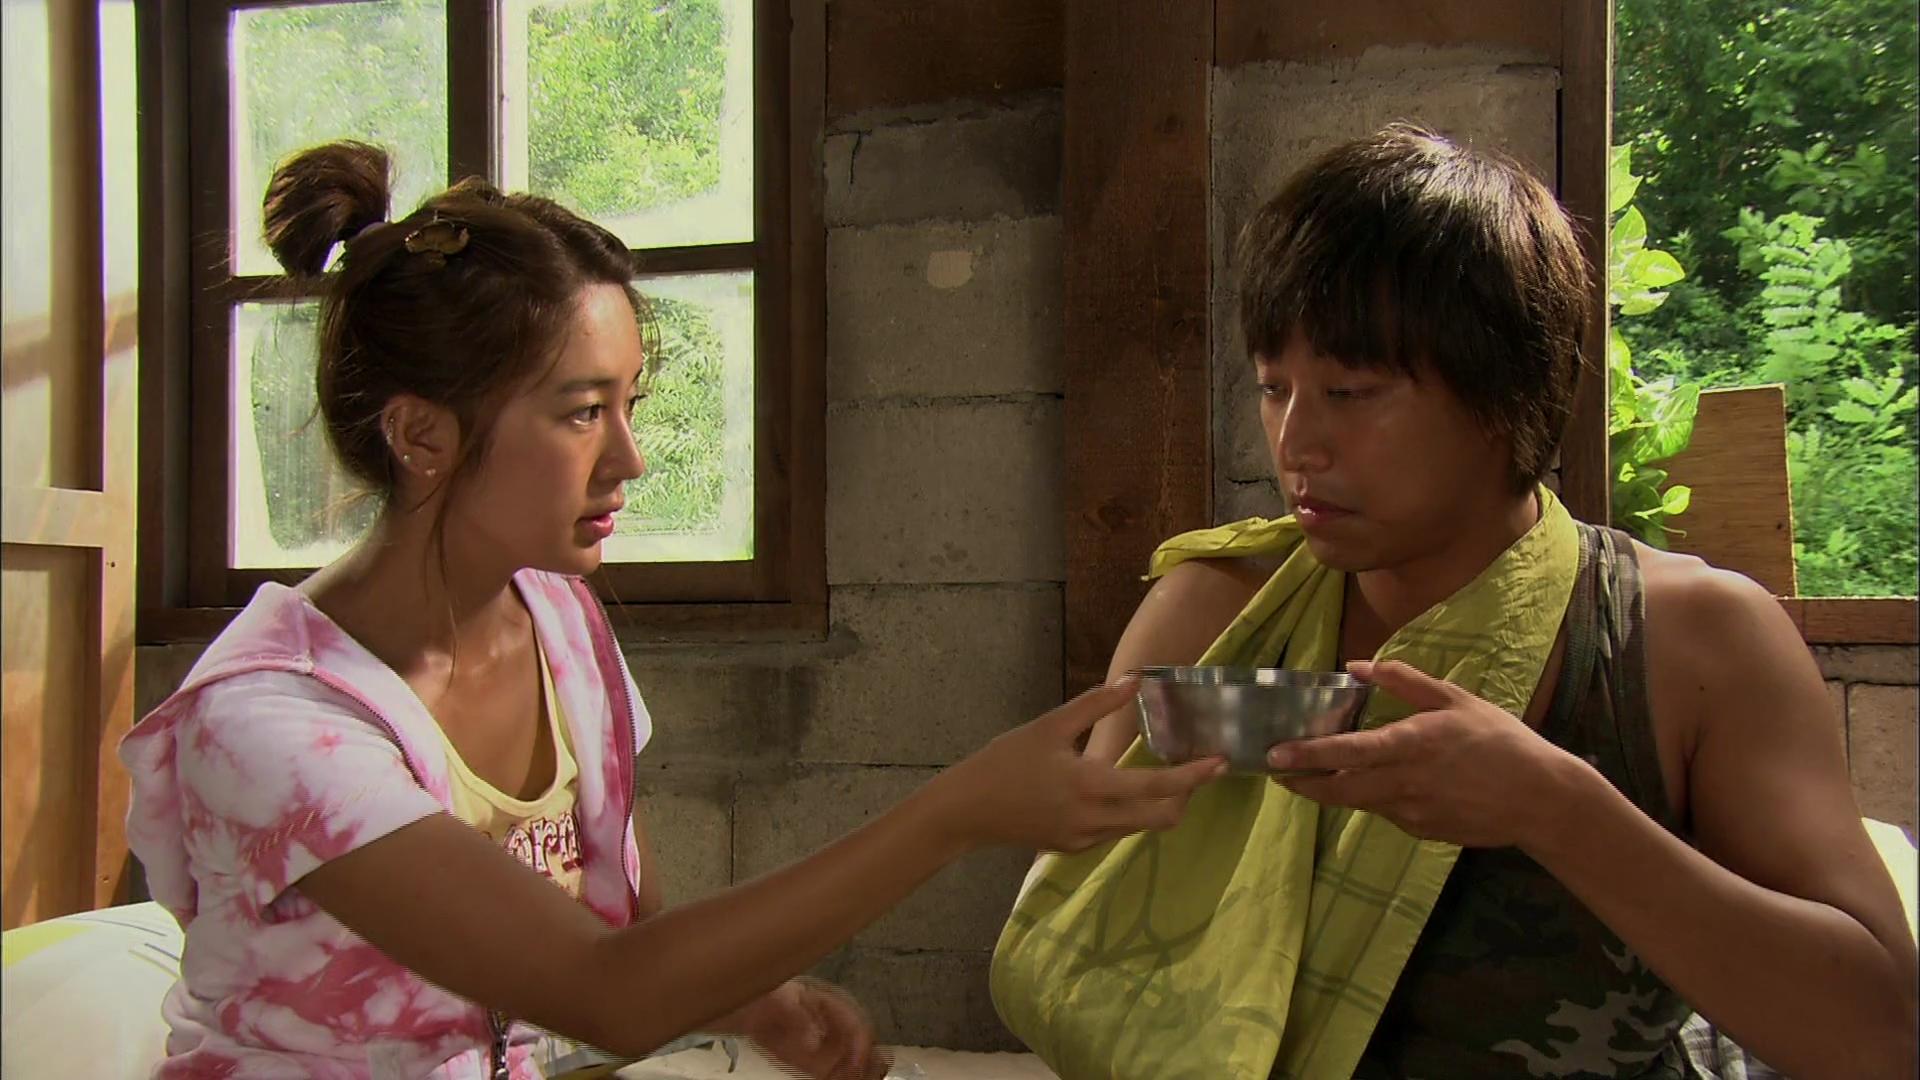 Phim xoay quanh cô gái sành điệu Ji Hyun đồng ý về quê làm nông, chăm sóc vườn nho của ông chú để có tiền mở công ty thời trang. Bao nhiêu tình huống bi hài khiến người xem đài vui cười thích thú.